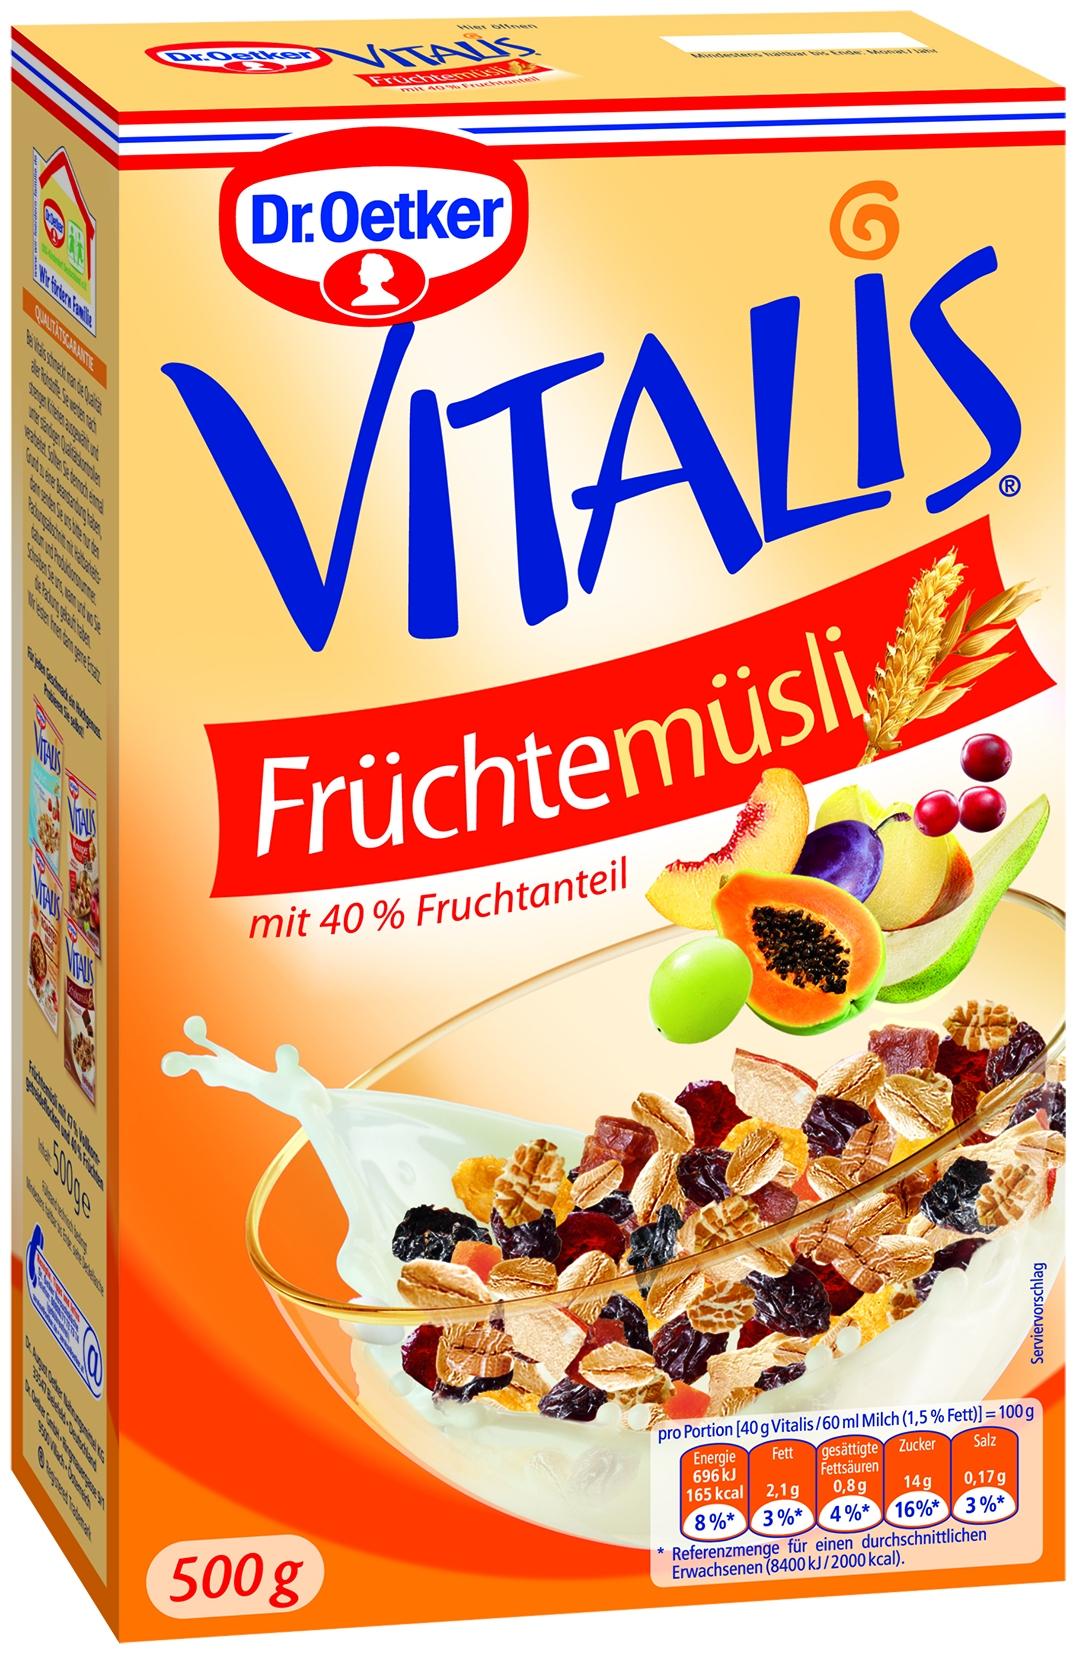 Vitalis Fruechte Muesli